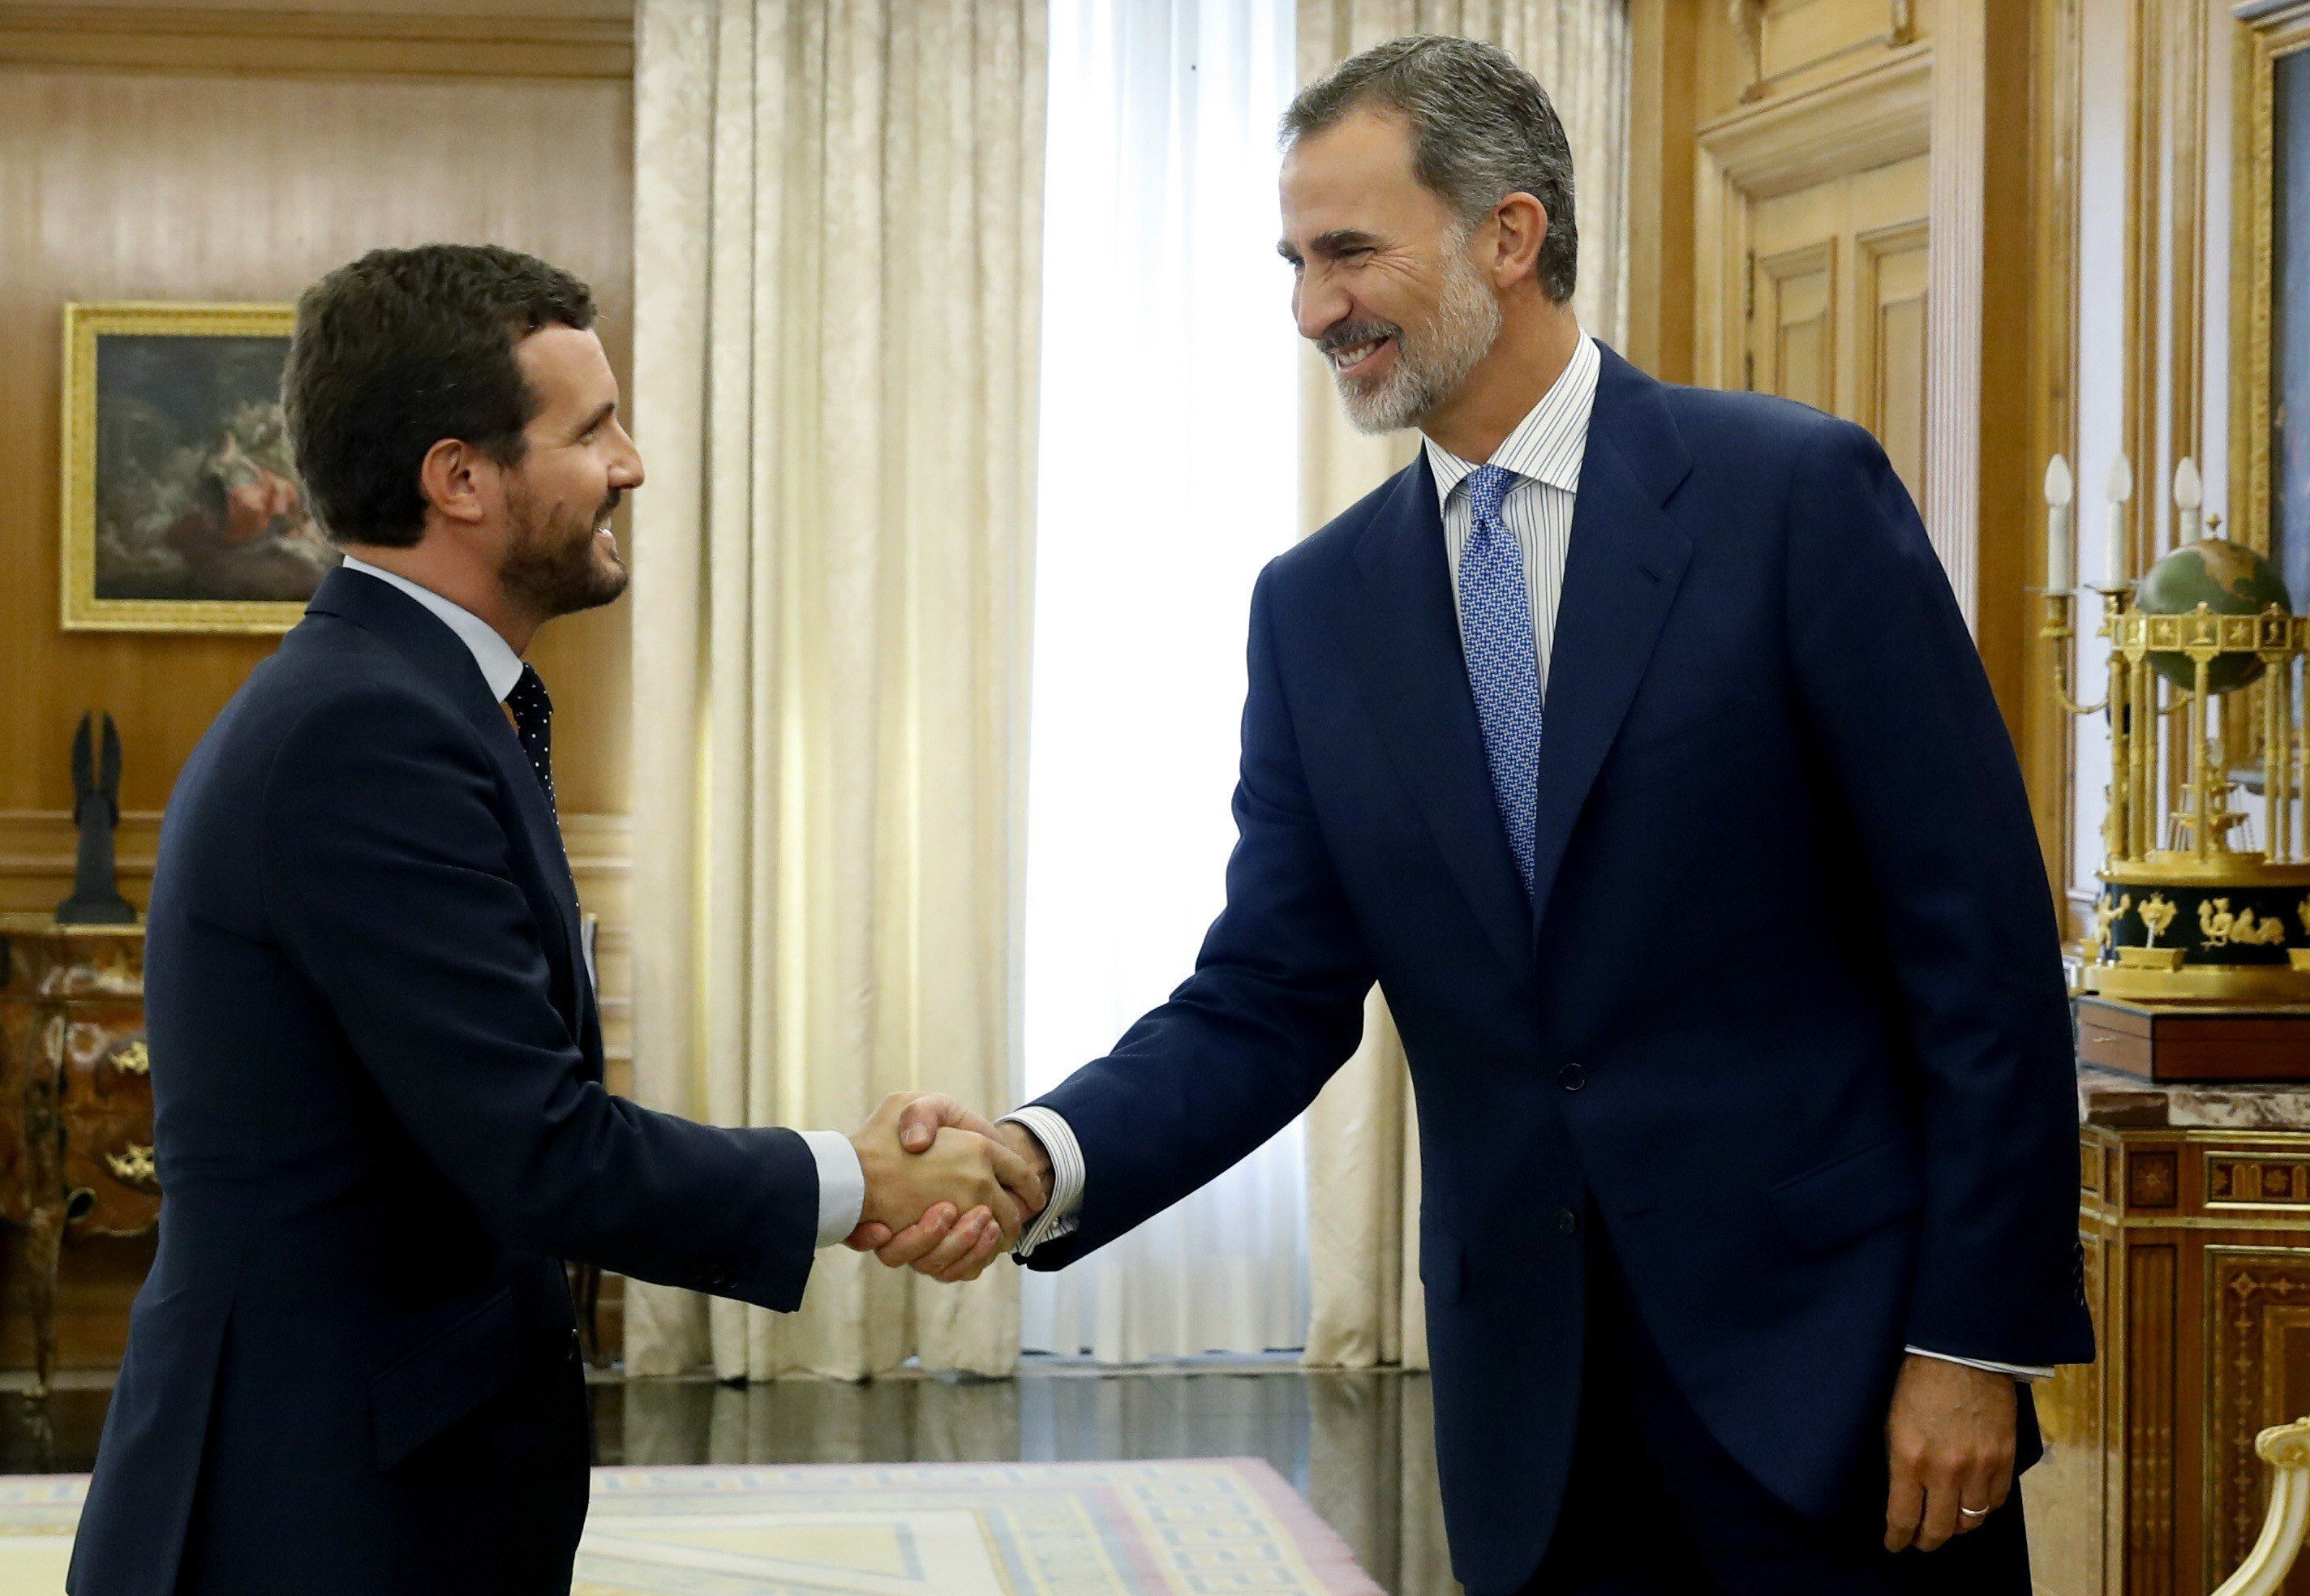 Pablo Casado: «La monarquía es el pilar de nuestra convivencia y de nuestro futuro»